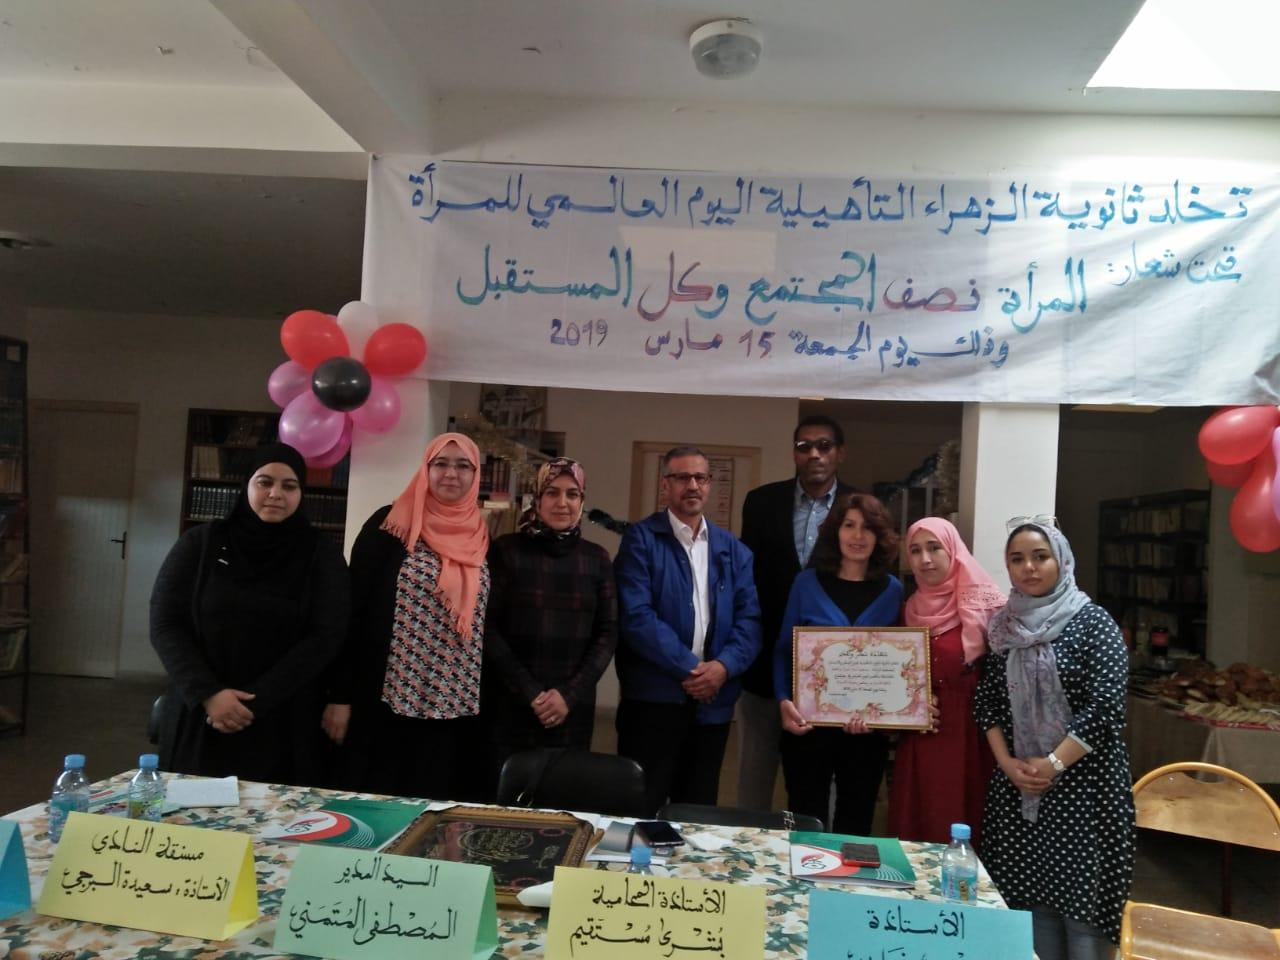 جمعية الأمان تشارك في  تخليد اليوم العالمي للمرأة بثانوية الزهراء التأهيلية بمراكش